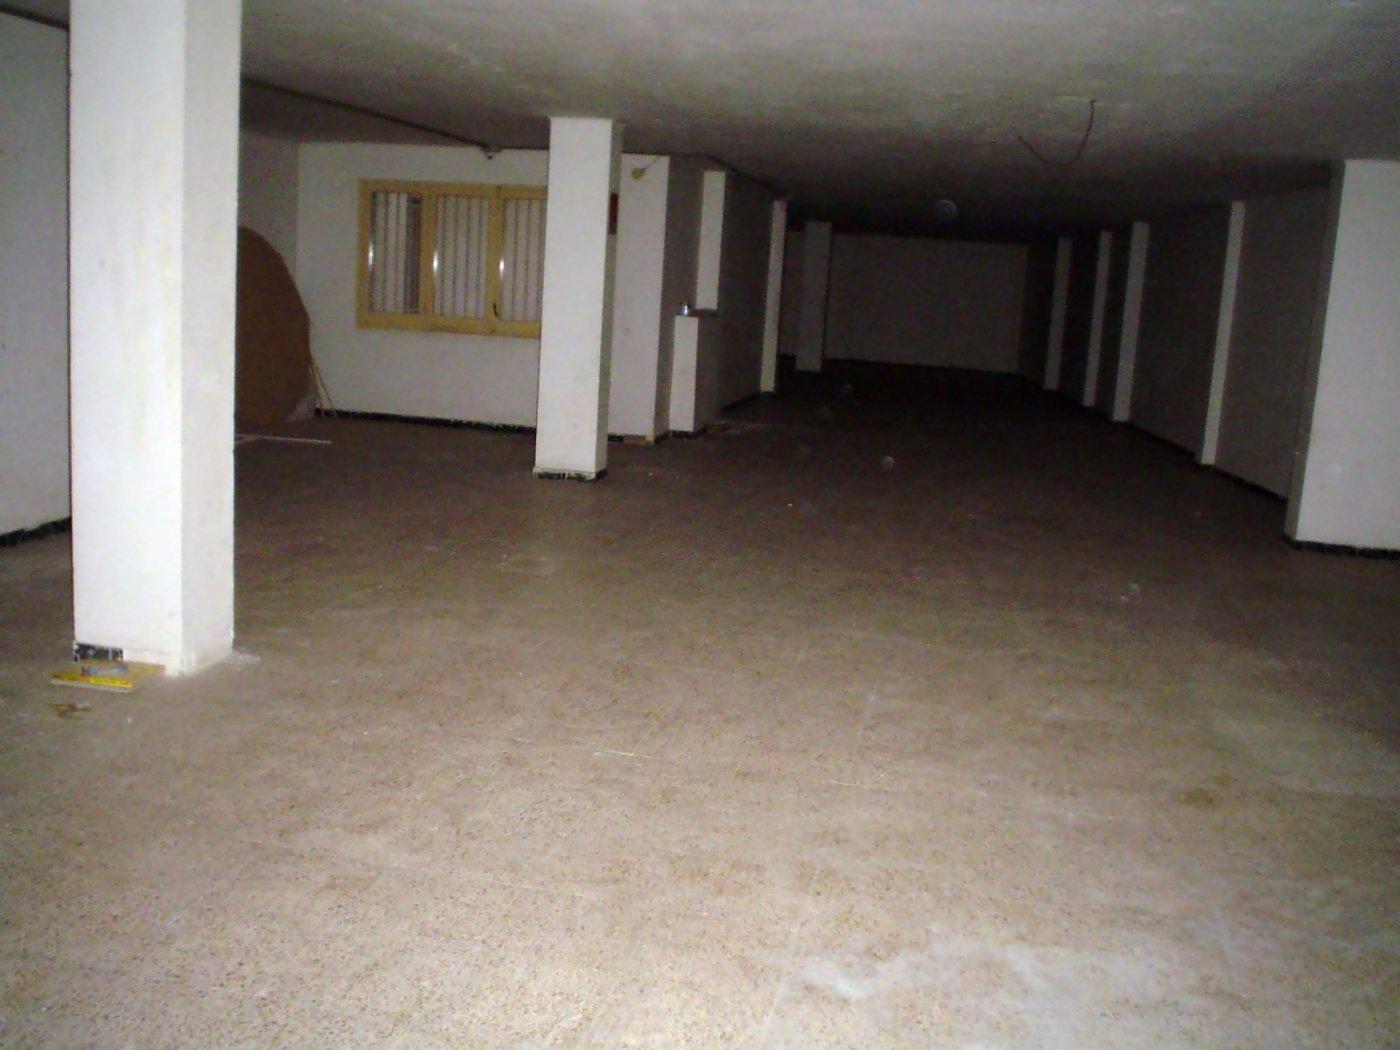 Local en un entresuelo ideal para convertir en loft - imagenInmueble0